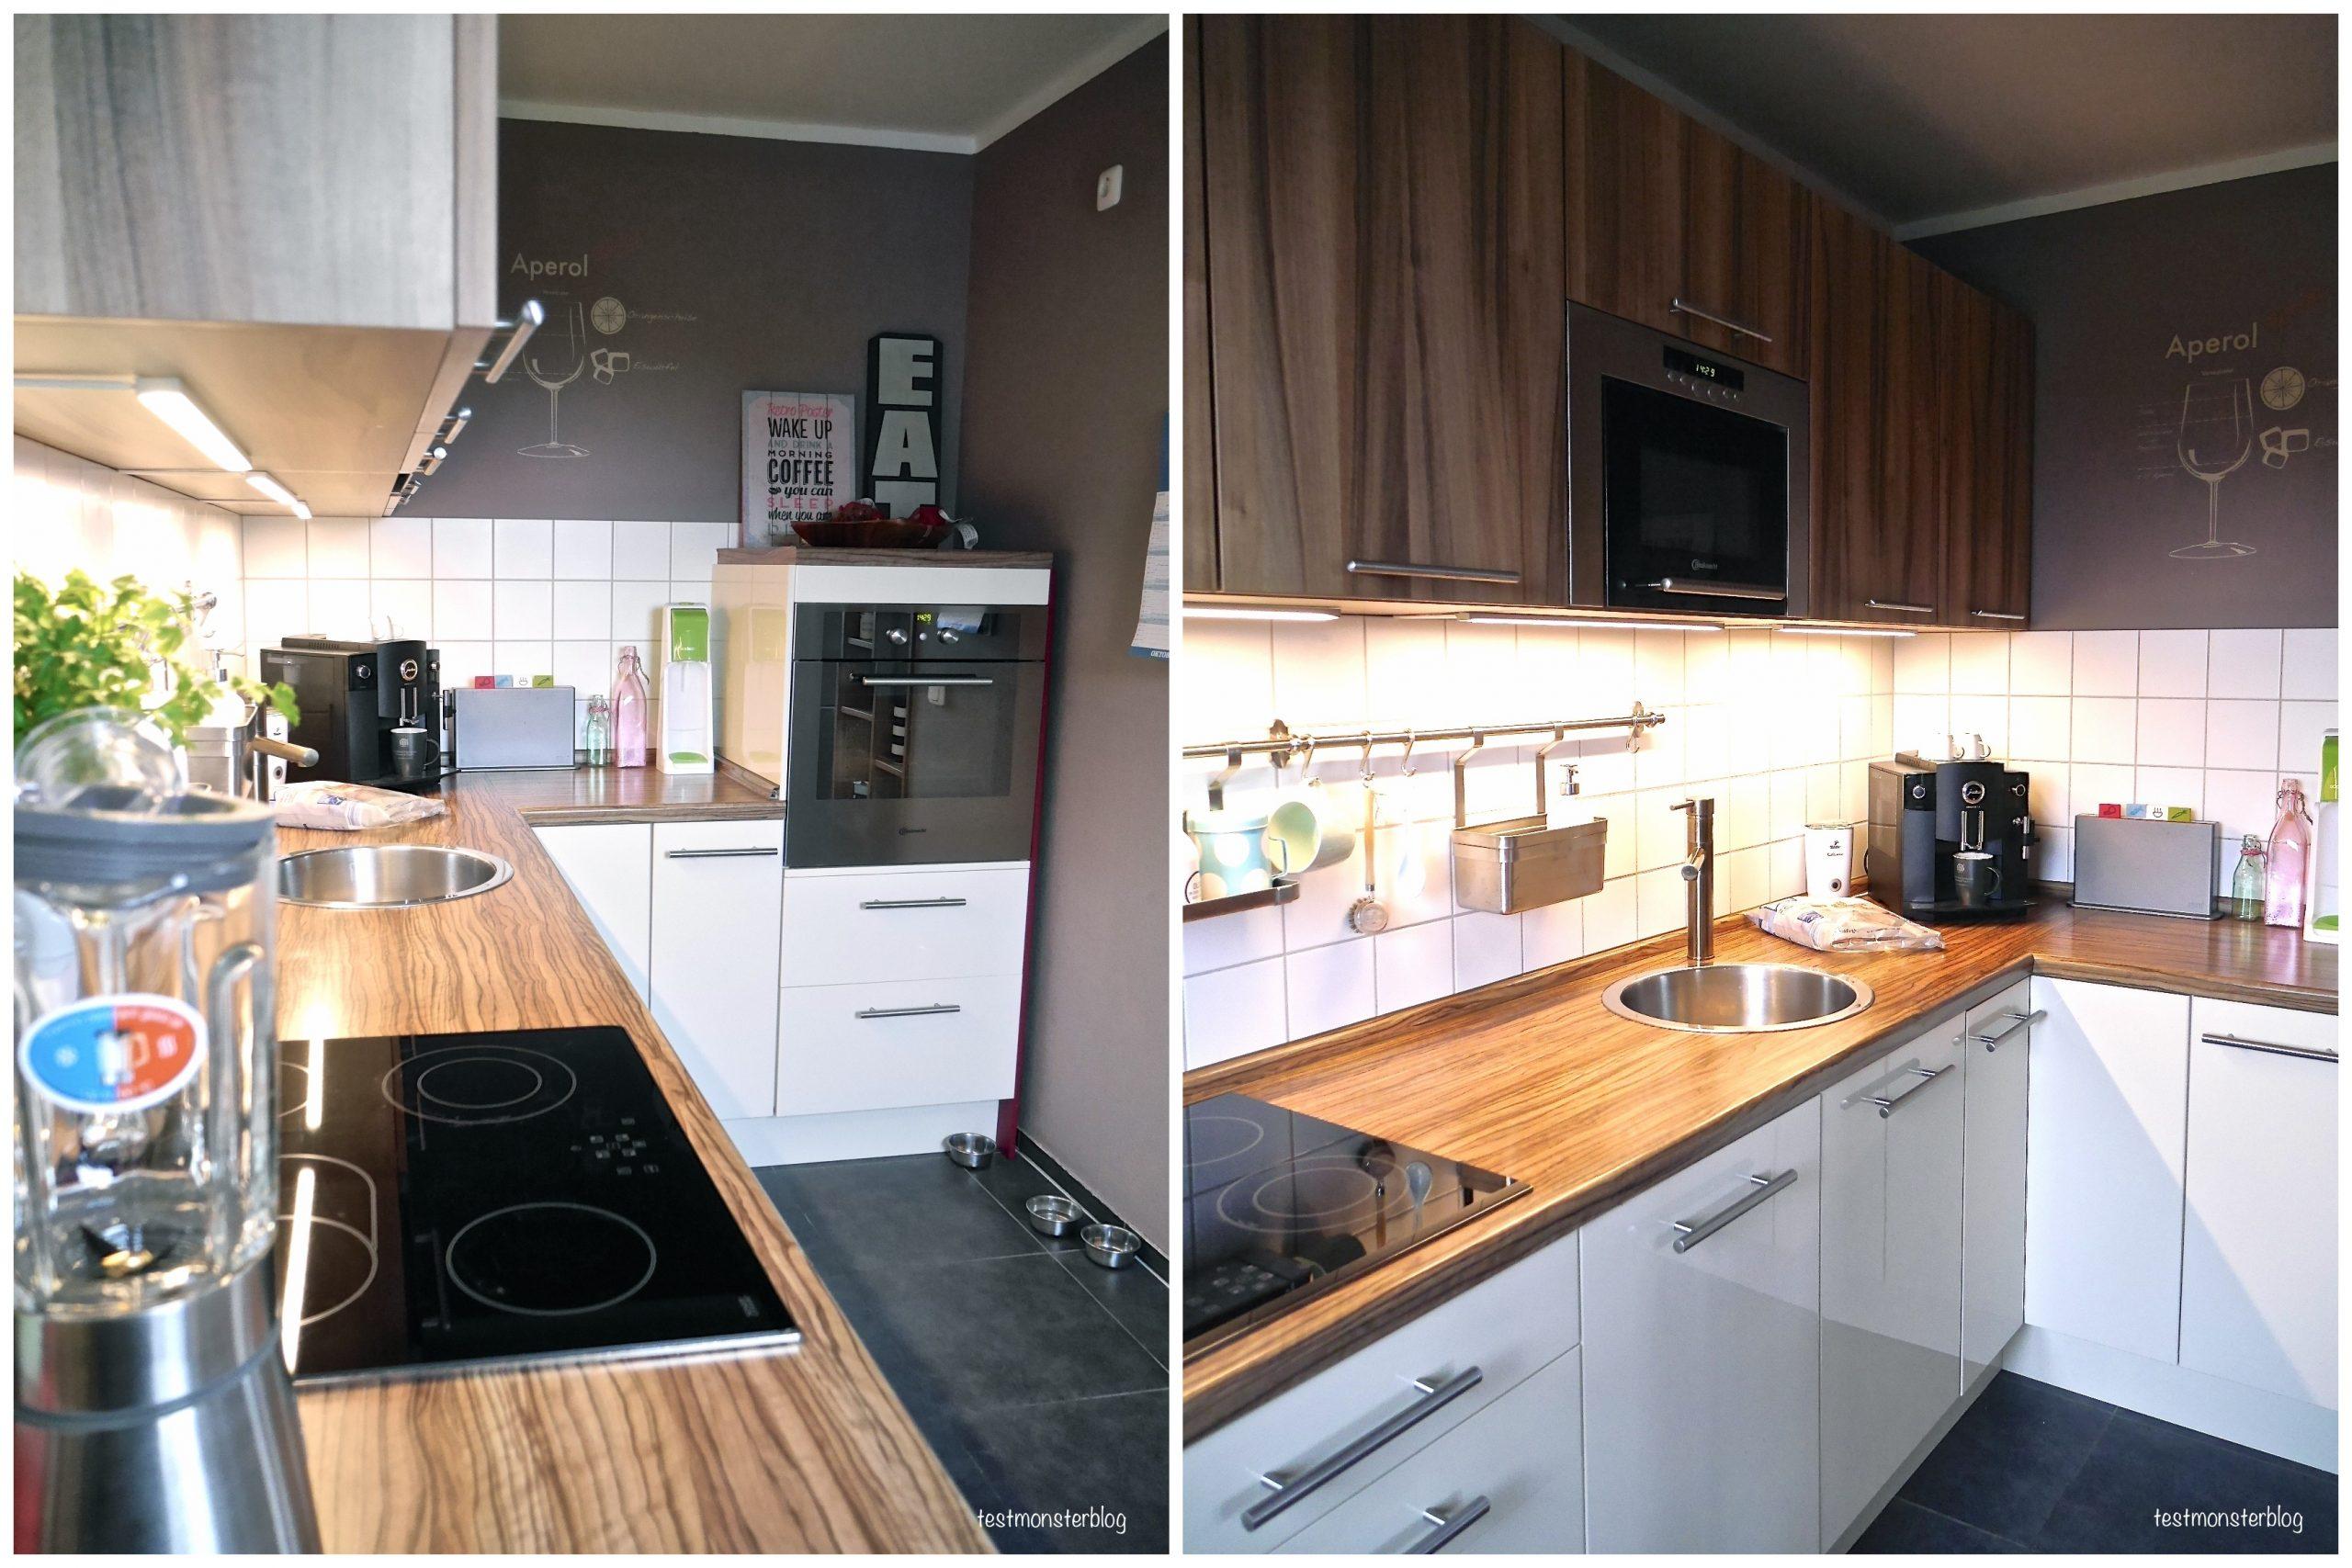 Full Size of Küchenschrank Ikea Kche Metodplan Mich Bitte Selbst Modulküche Betten 160x200 Miniküche Küche Kosten Bei Kaufen Sofa Mit Schlaffunktion Wohnzimmer Küchenschrank Ikea